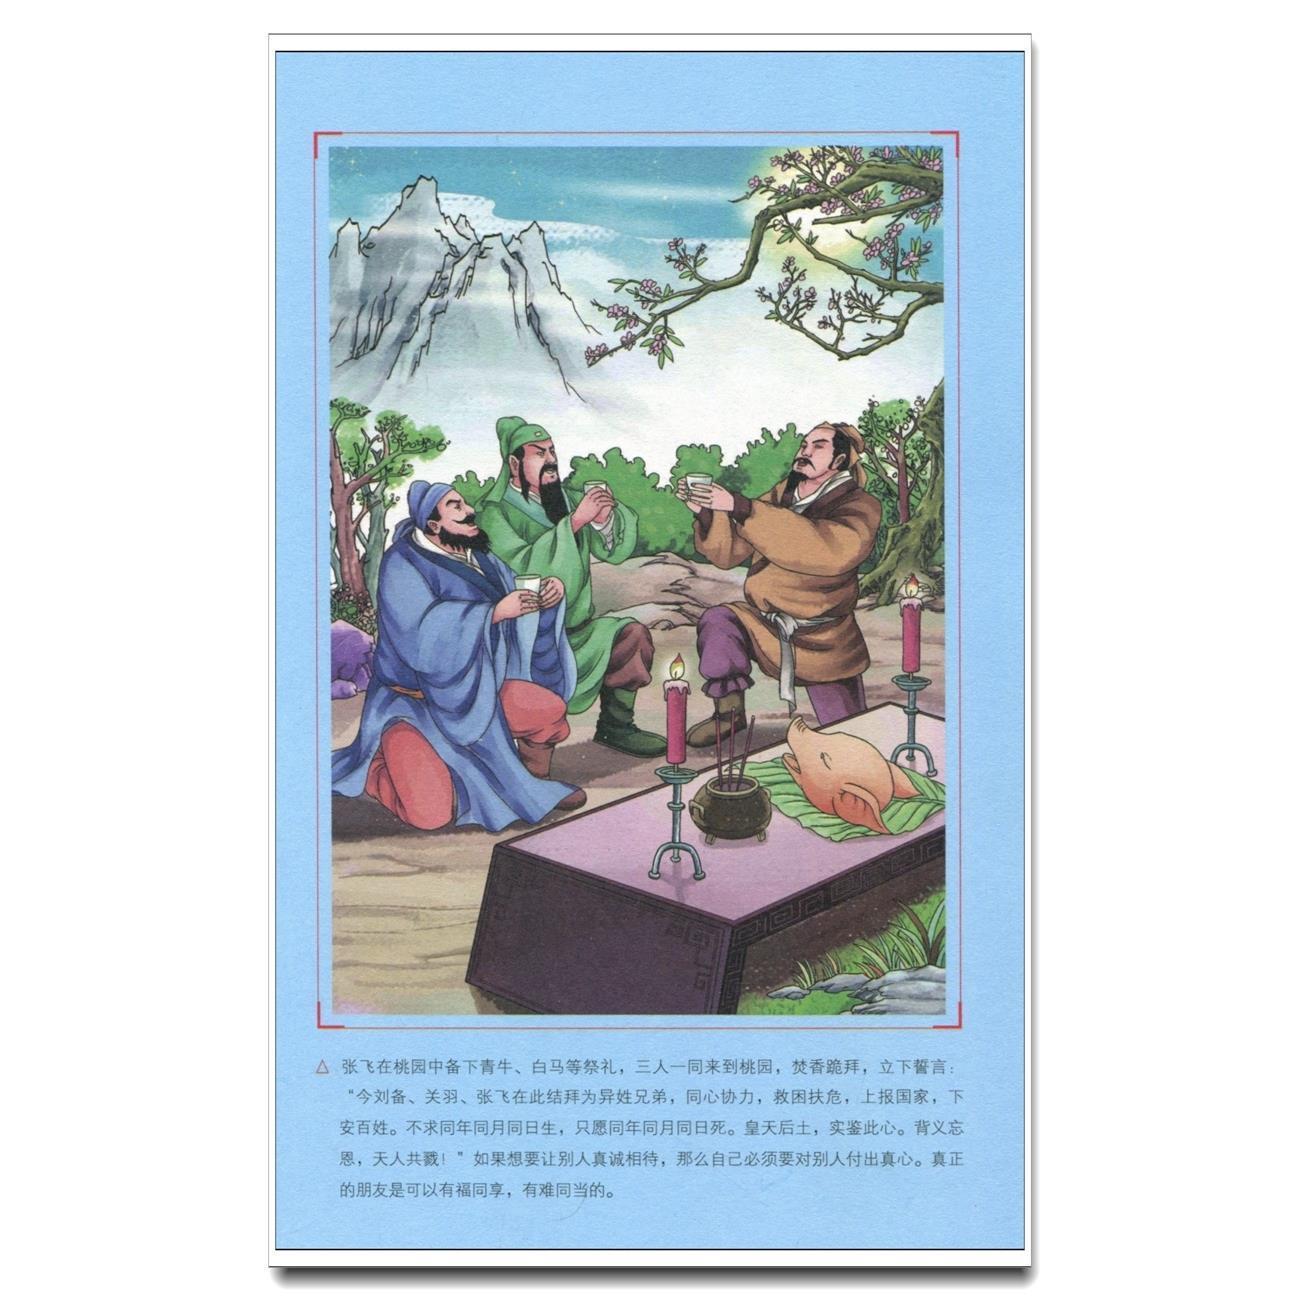 正版三国演义原著原版 三国演义原版书